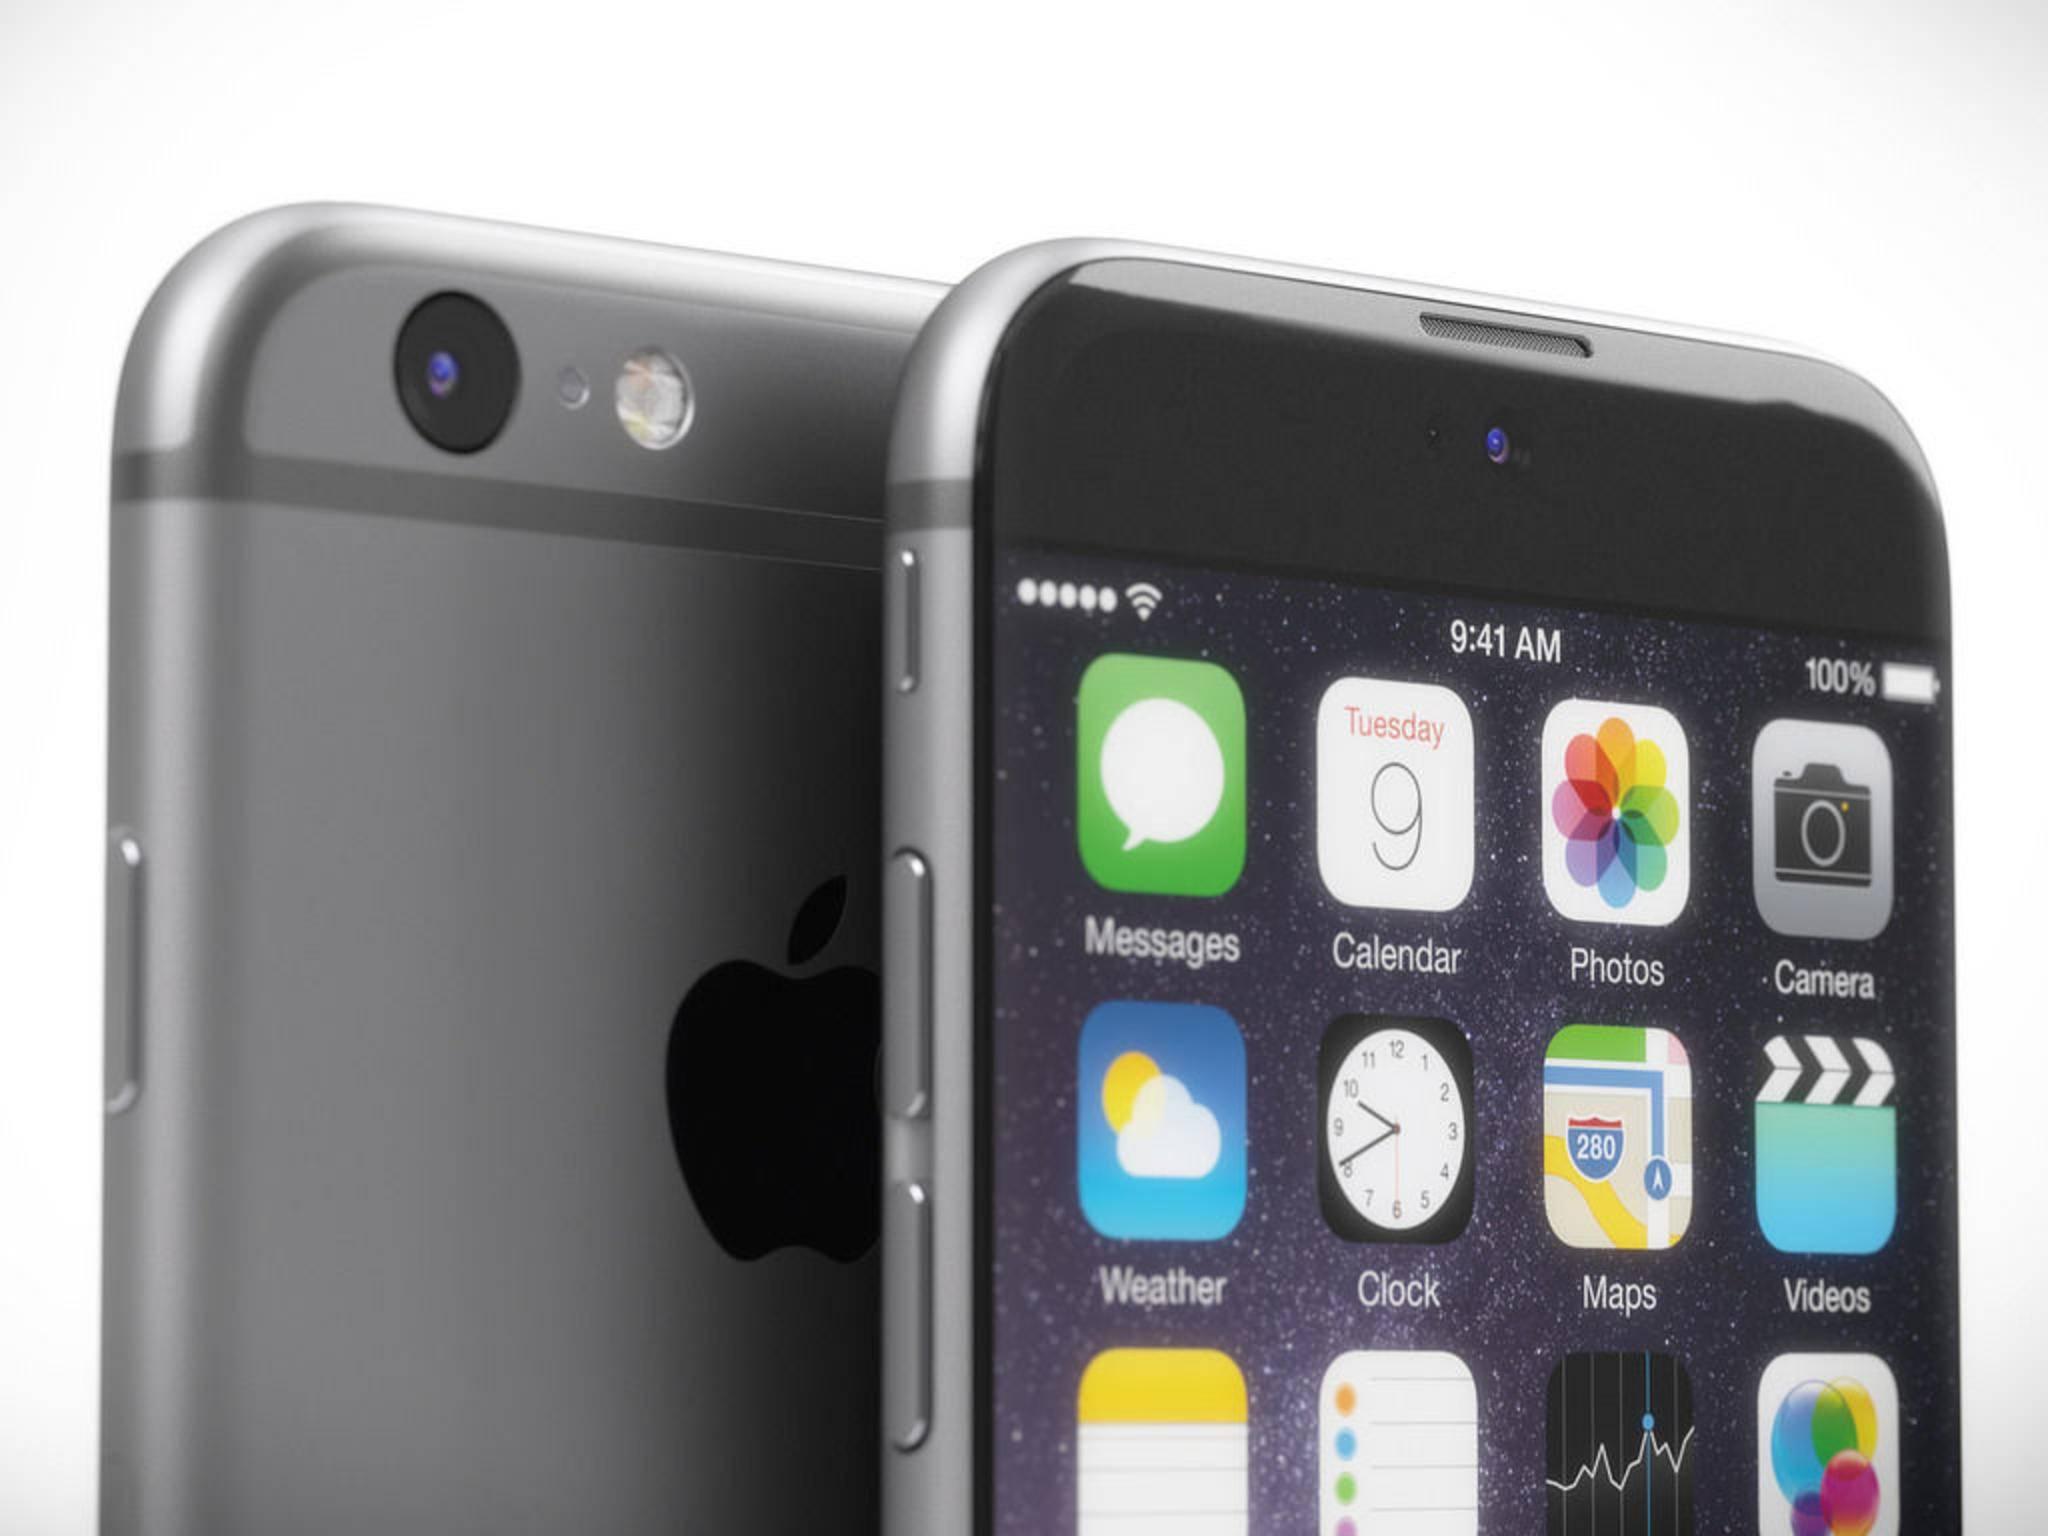 Das iPhone 6s soll angeblich endlich 2 GB RAM bekommen.